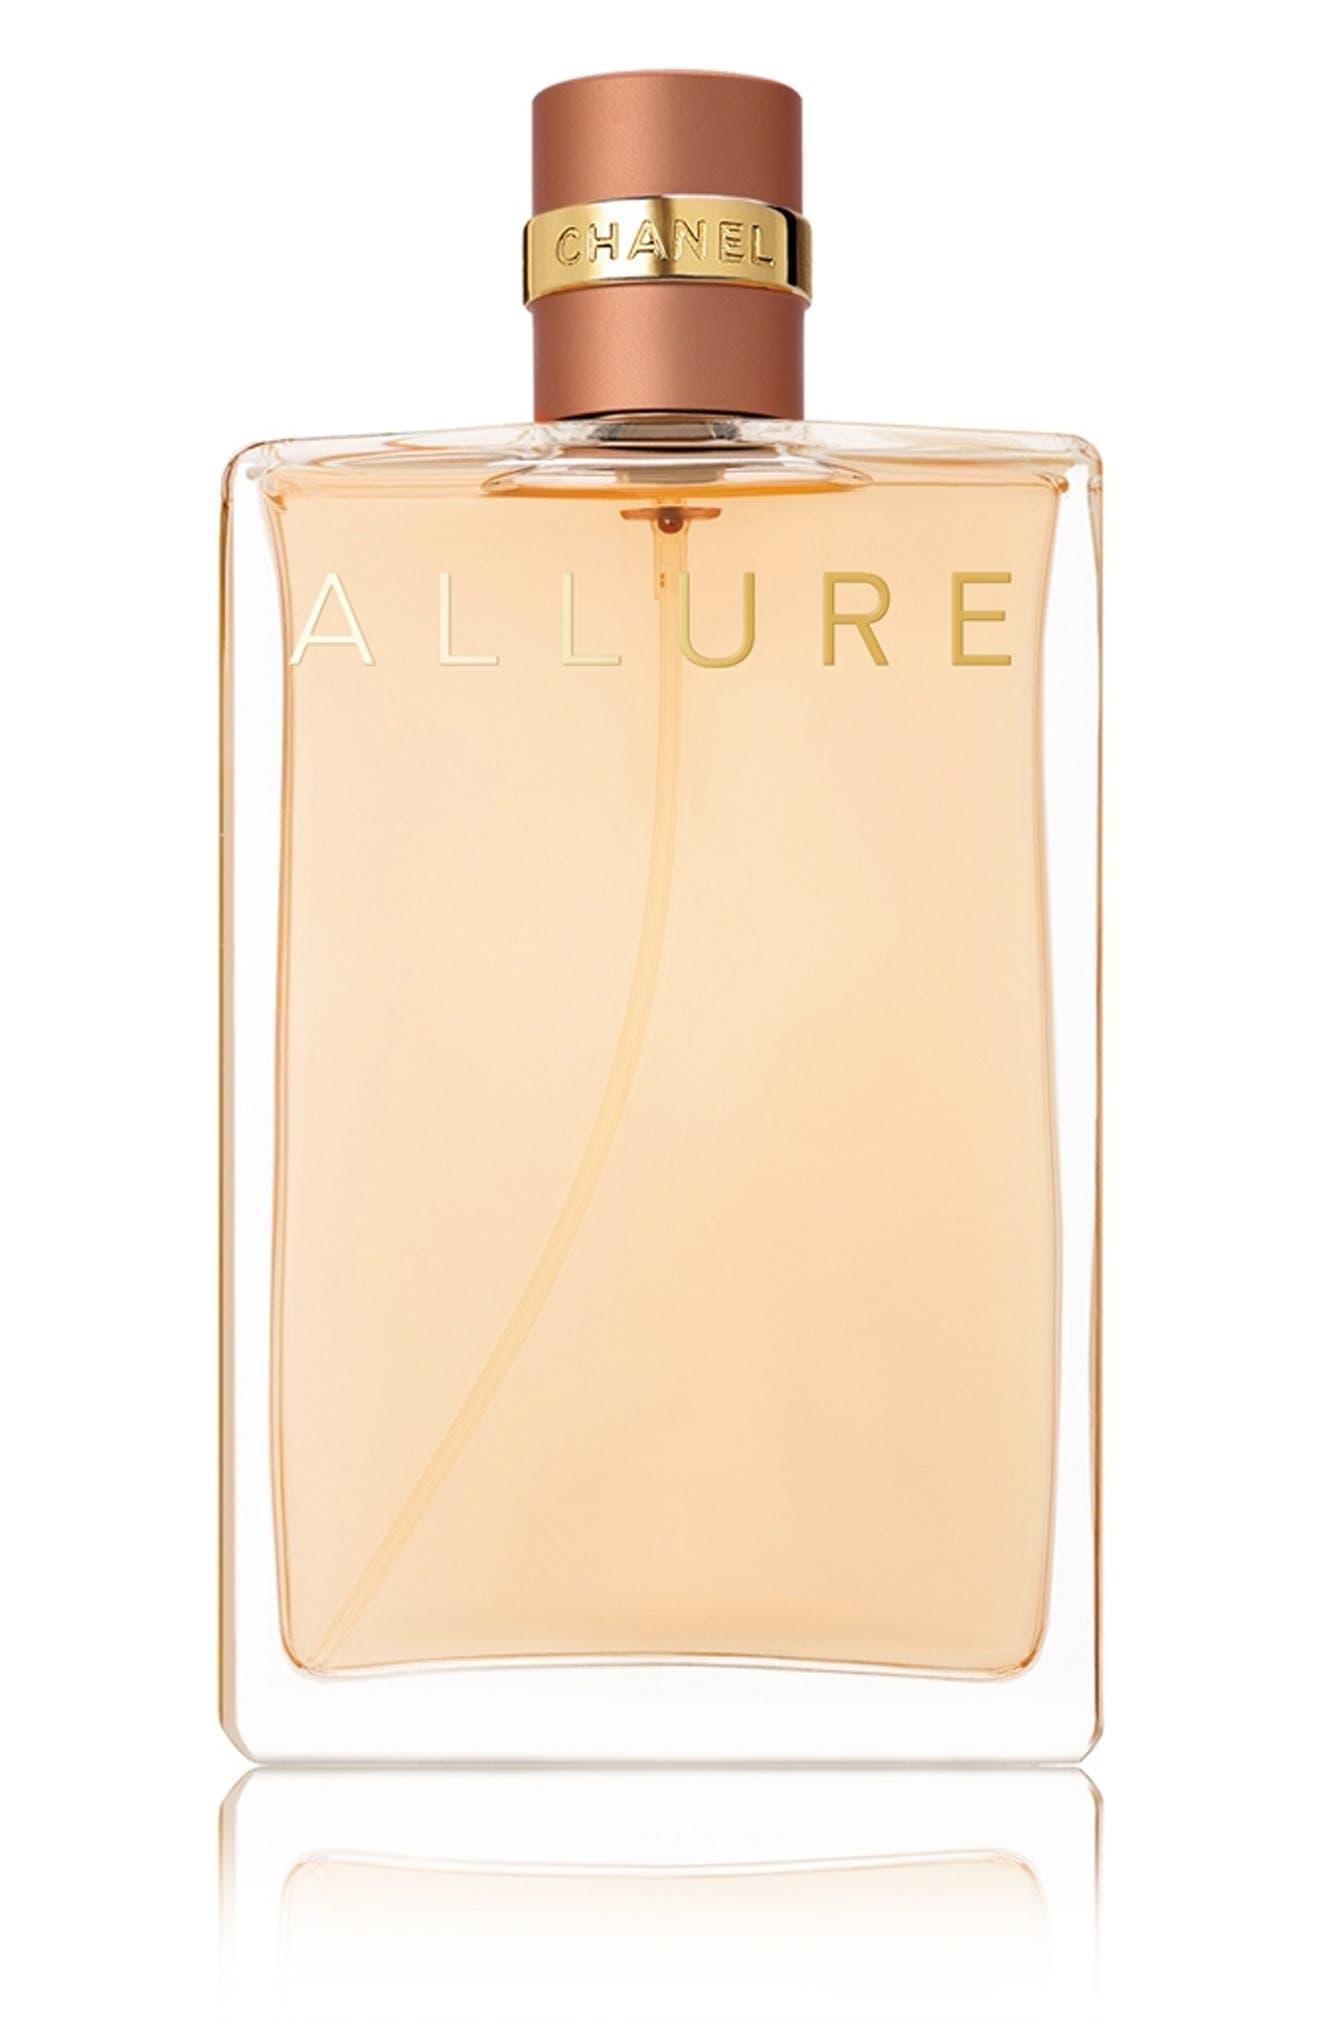 ALLURE <br />Eau de Parfum Spray, Main, color, NO COLOR